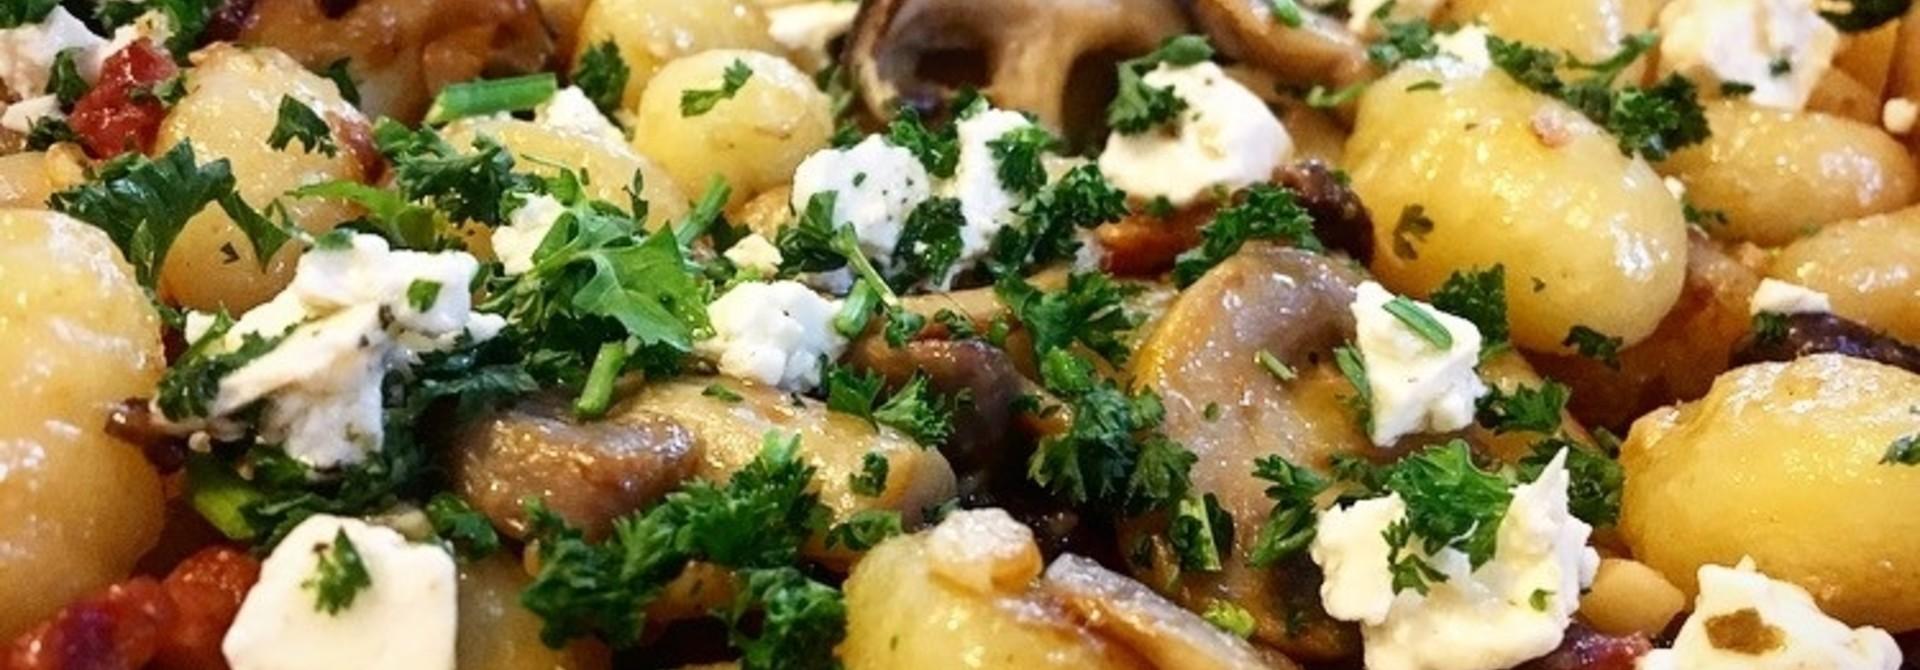 Gnocchi met paddenstoelen en Brunehaut witbier #Kuukskes bierrecept